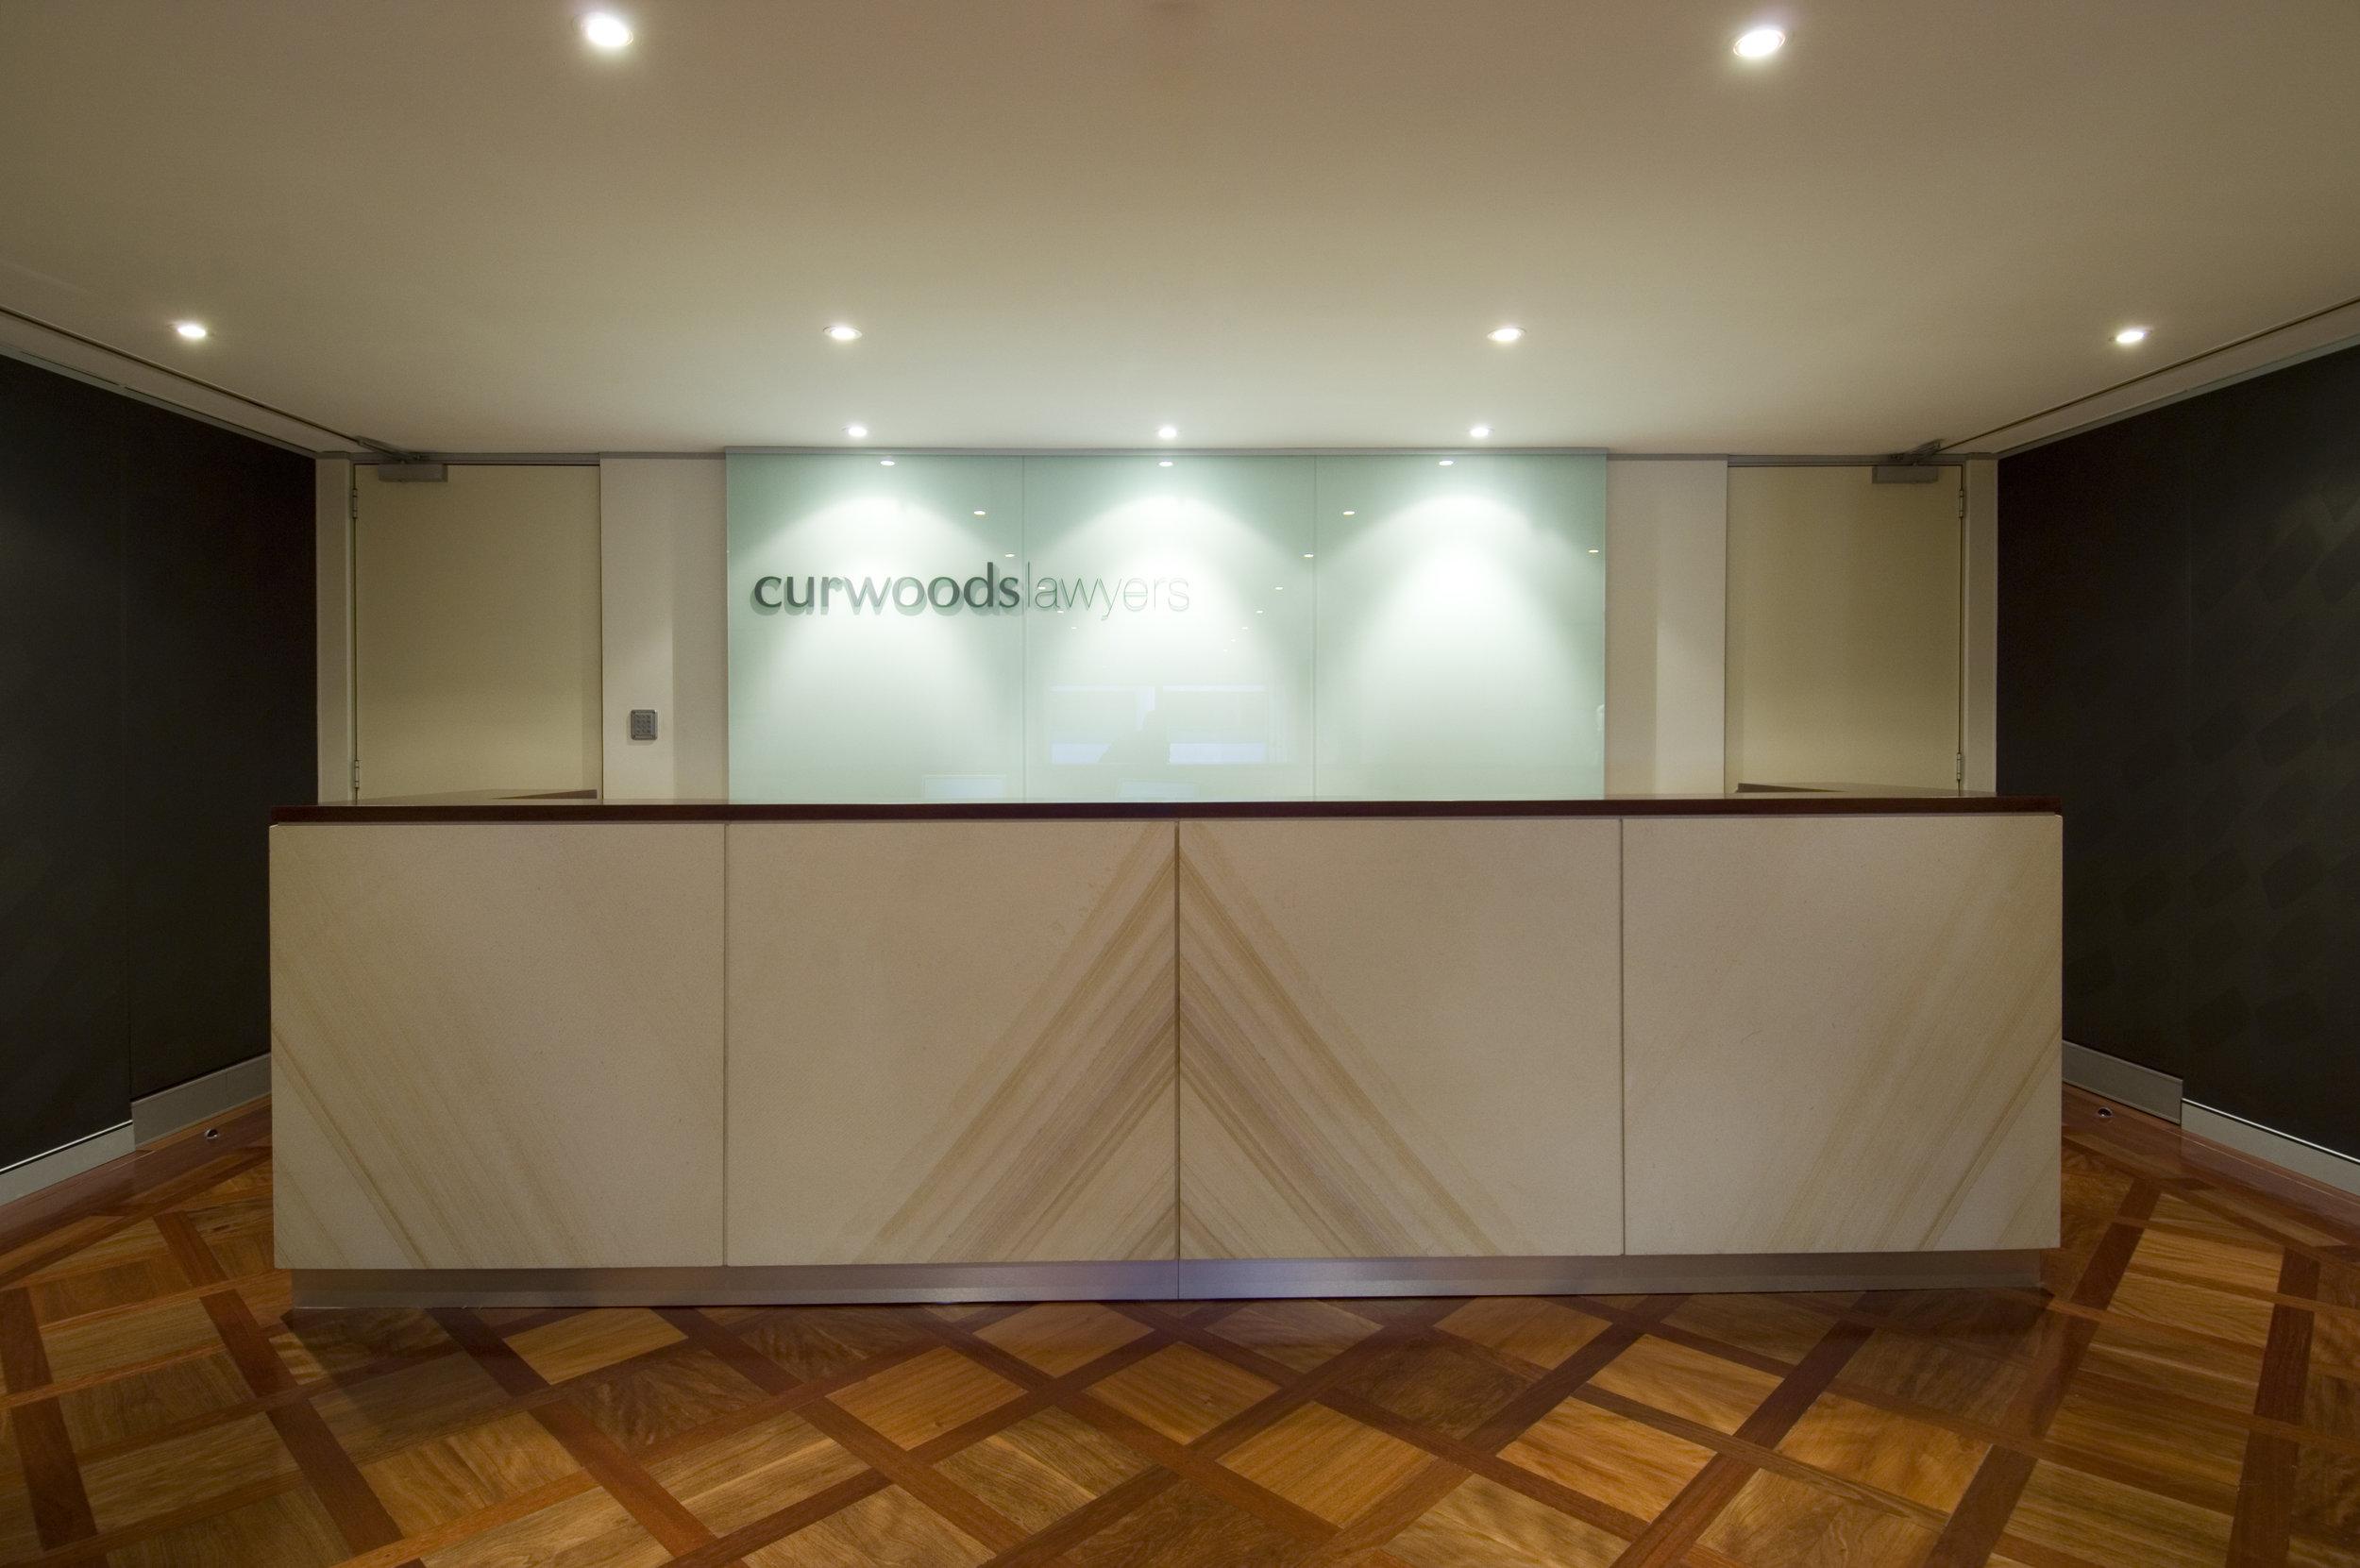 CURWOODS_SKP2850.JPG